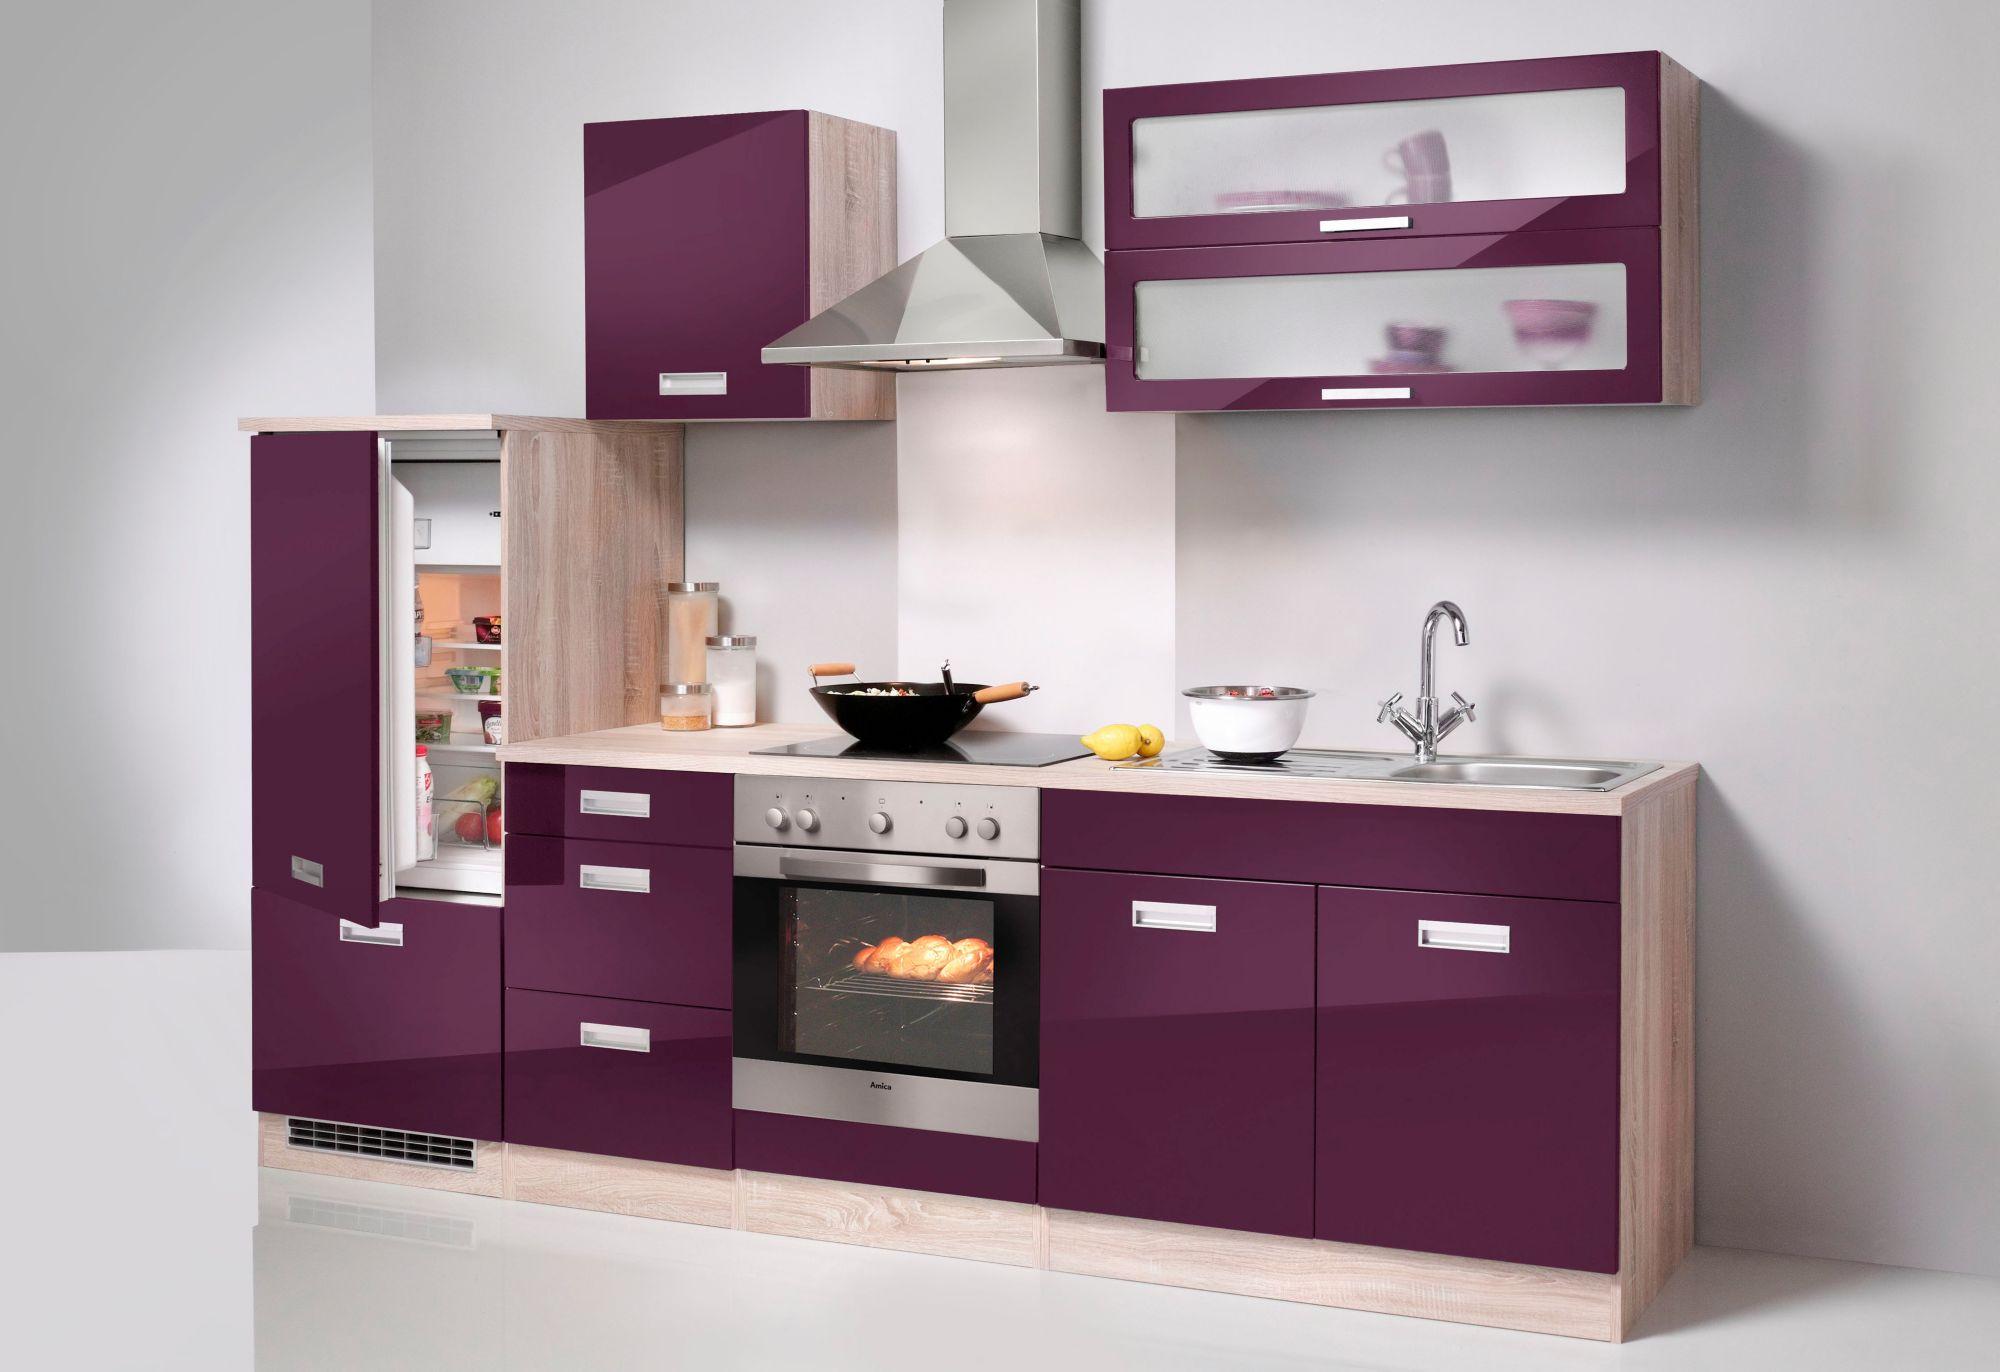 Küche Ohne Geräte | acjsilva.com